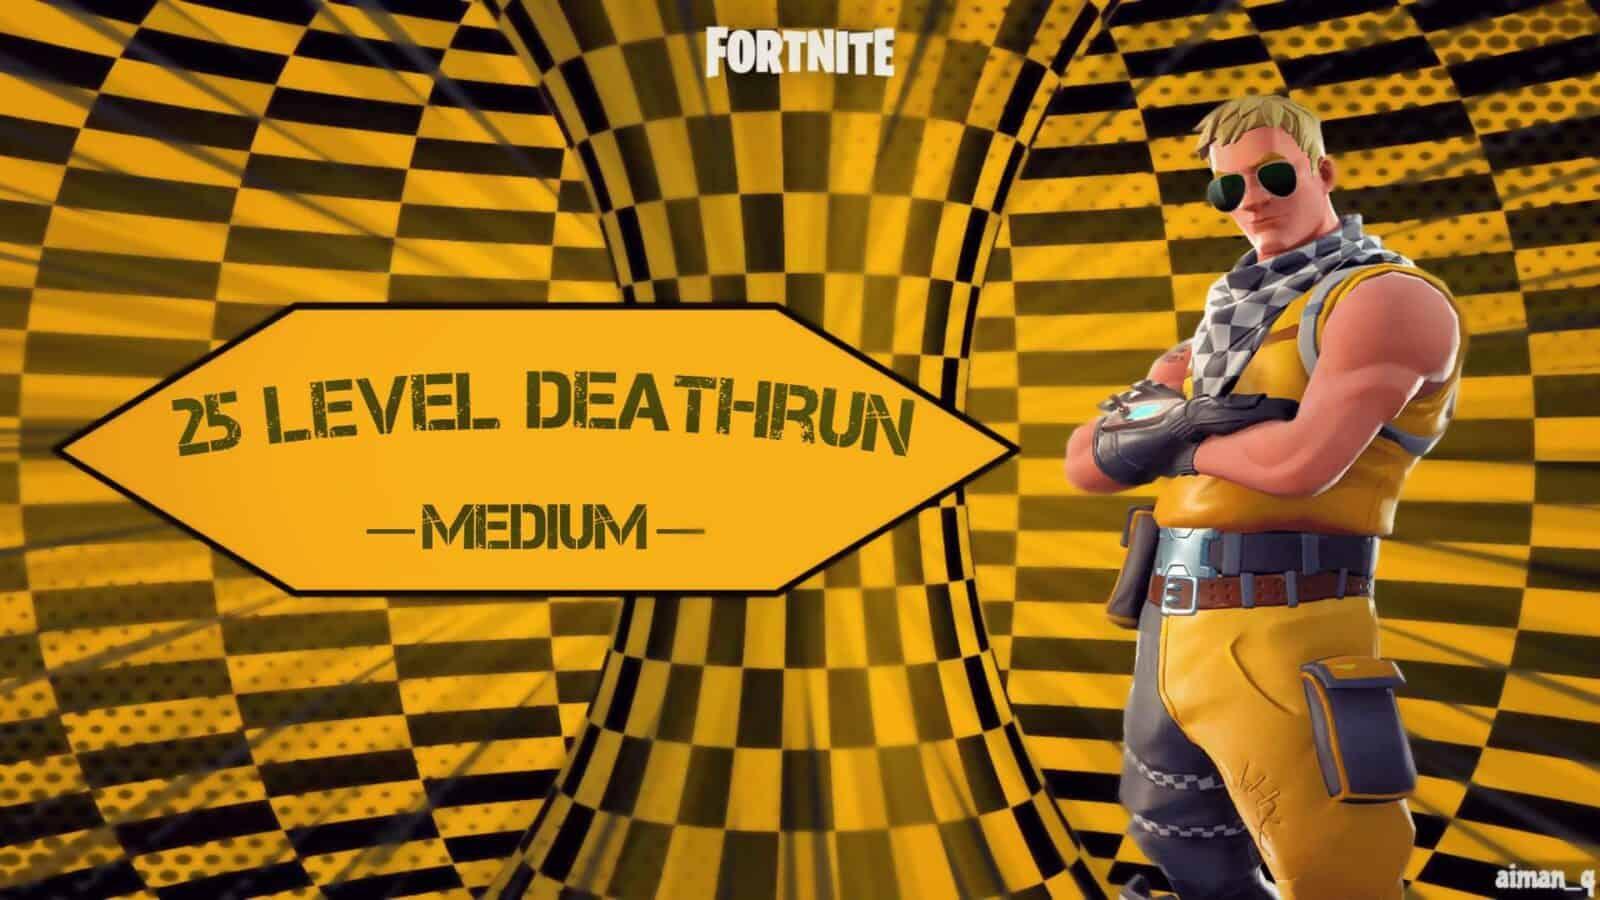 25 LEVEL DEATHRUN MEDIUM 1